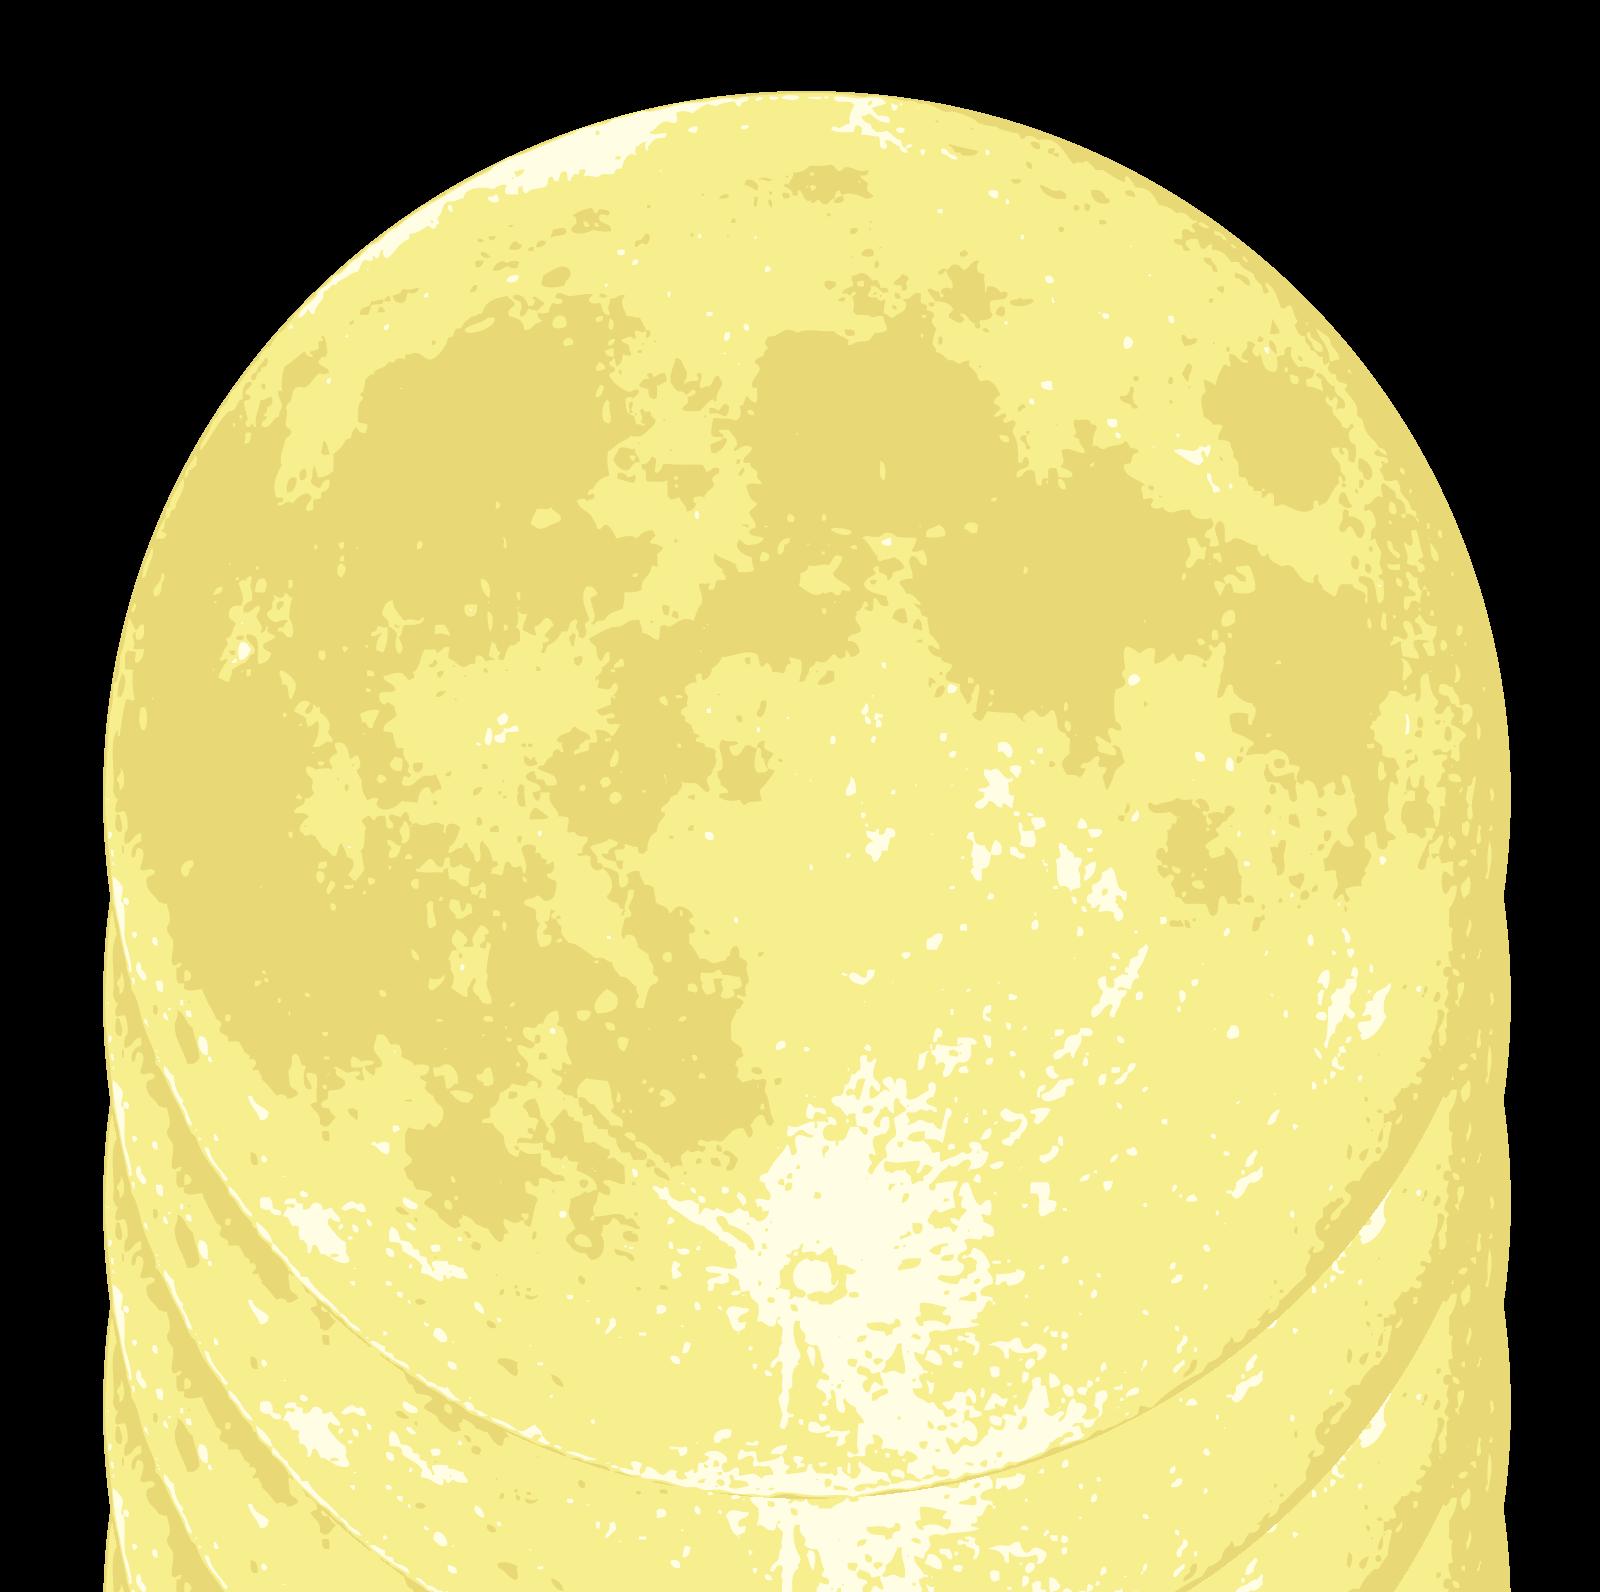 天月さんの楽しいイベントについては第4章1ページ目で紹介!